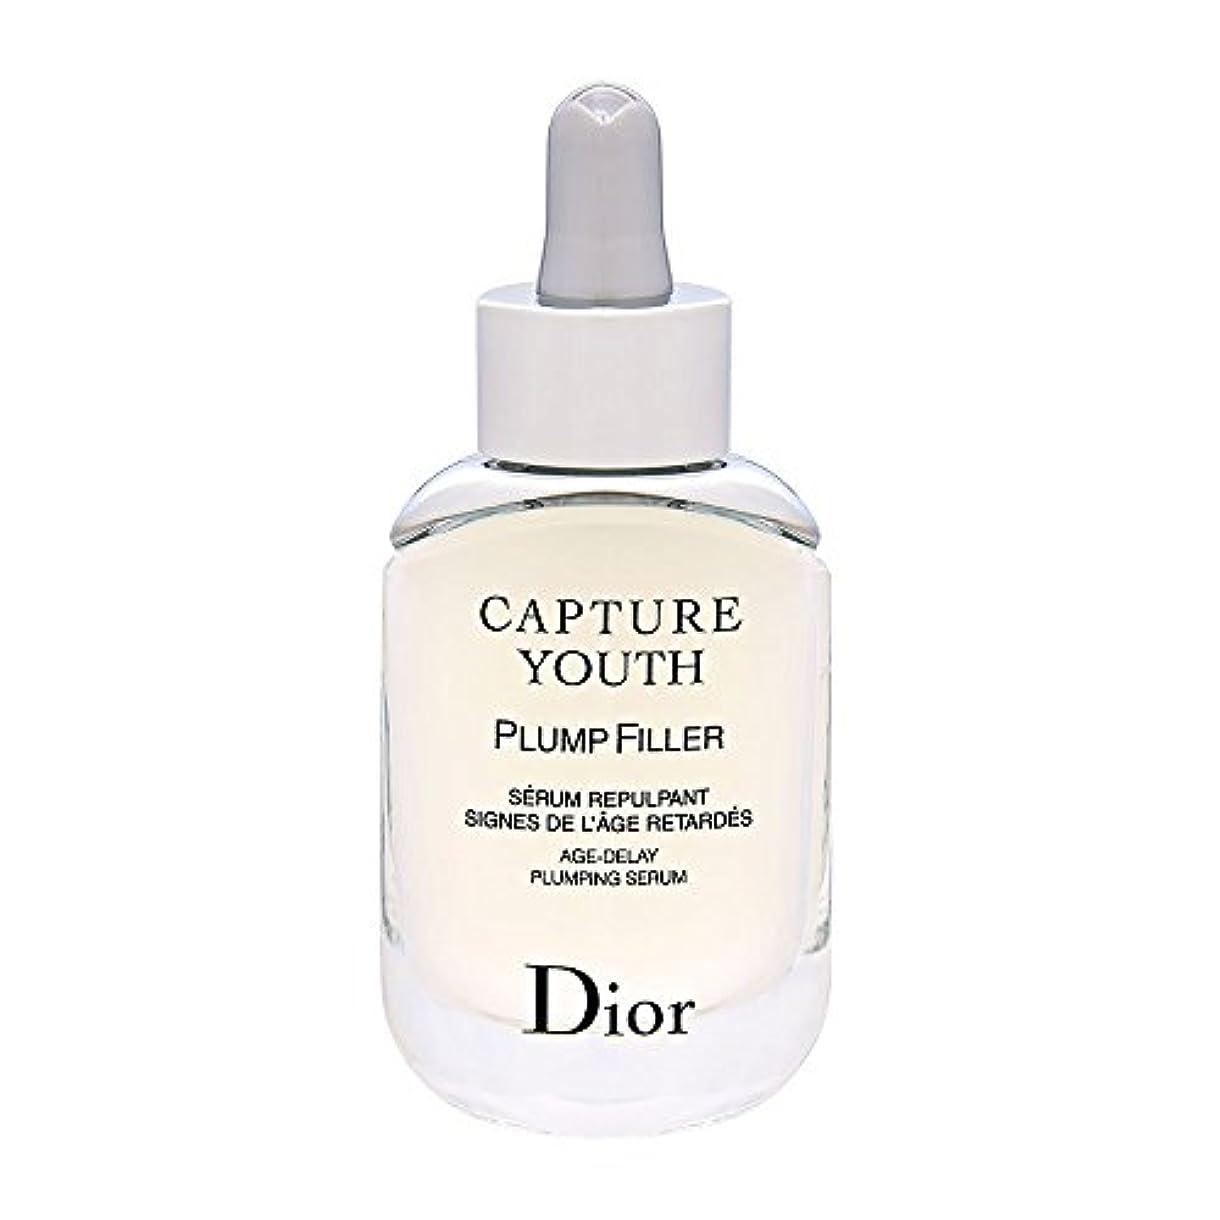 数値シットコム受粉するクリスチャンディオール Christian Dior カプチュール ユース プランプフィラー 30mL [並行輸入品]